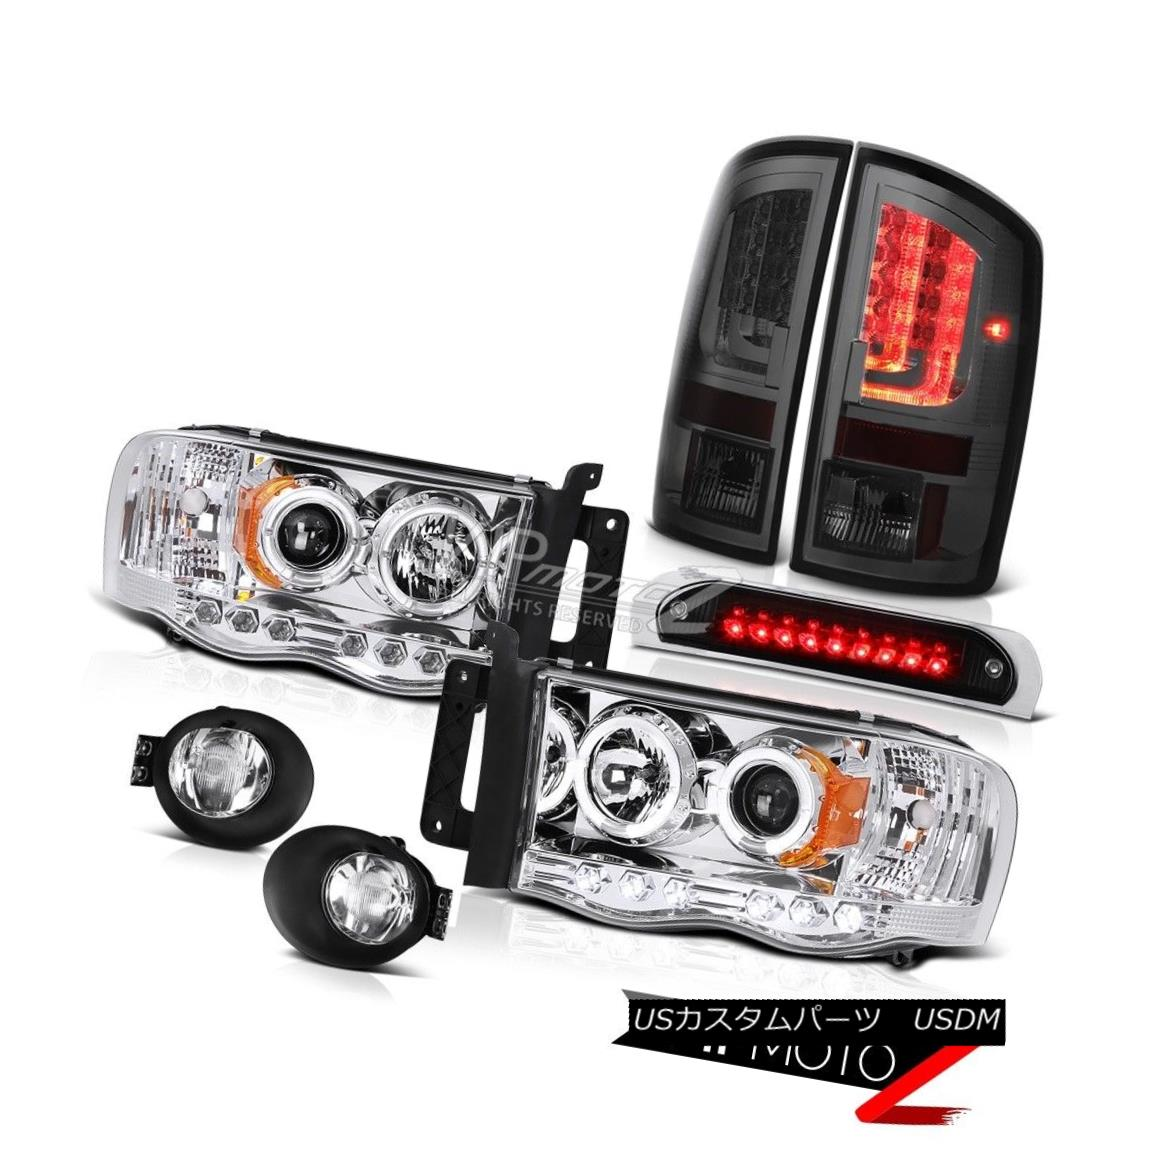 テールライト 2002-2005 Dodge Ram 2500 5.9L Tail Lamps Fog 3RD Brake Lamp Headlights Neon Tube 2002-2005 Dodge Ram 2500 5.9Lテールランプフォグ3RDブレーキランプヘッドライトネオンチューブ